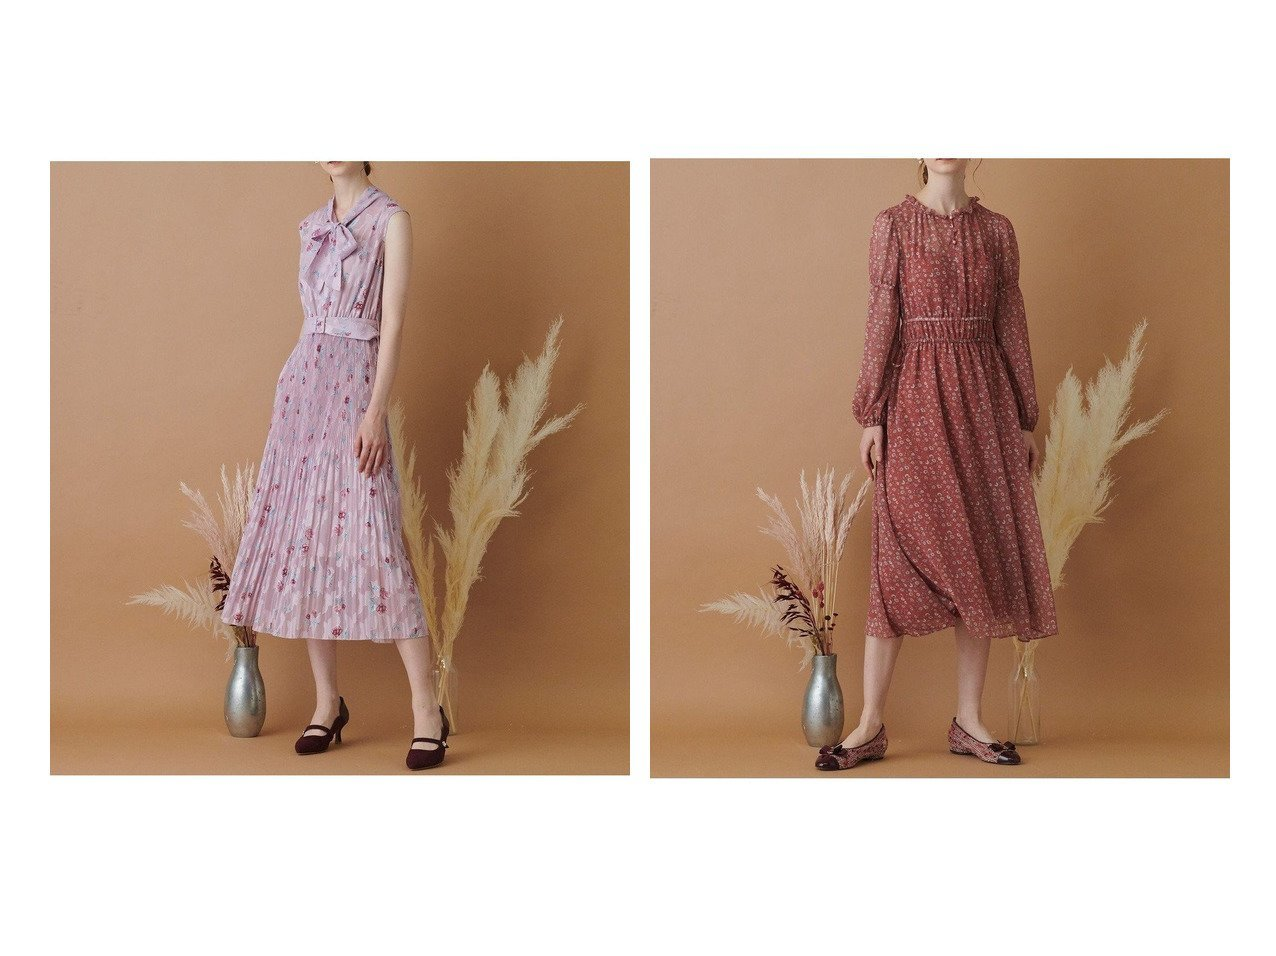 【TOCCA/トッカ】の【TOCCA LAVENDER】Pastel Flower Crepe Dress ドレス&【TOCCA LAVENDER】Rose Cut Jacquard Print Dress ドレス 【ワンピース・ドレス】おすすめ!人気、トレンド・レディースファッションの通販 おすすめで人気の流行・トレンド、ファッションの通販商品 インテリア・家具・メンズファッション・キッズファッション・レディースファッション・服の通販 founy(ファニー) https://founy.com/ ファッション Fashion レディースファッション WOMEN ワンピース Dress ドレス Party Dresses 送料無料 Free Shipping ドレス  ID:crp329100000060605